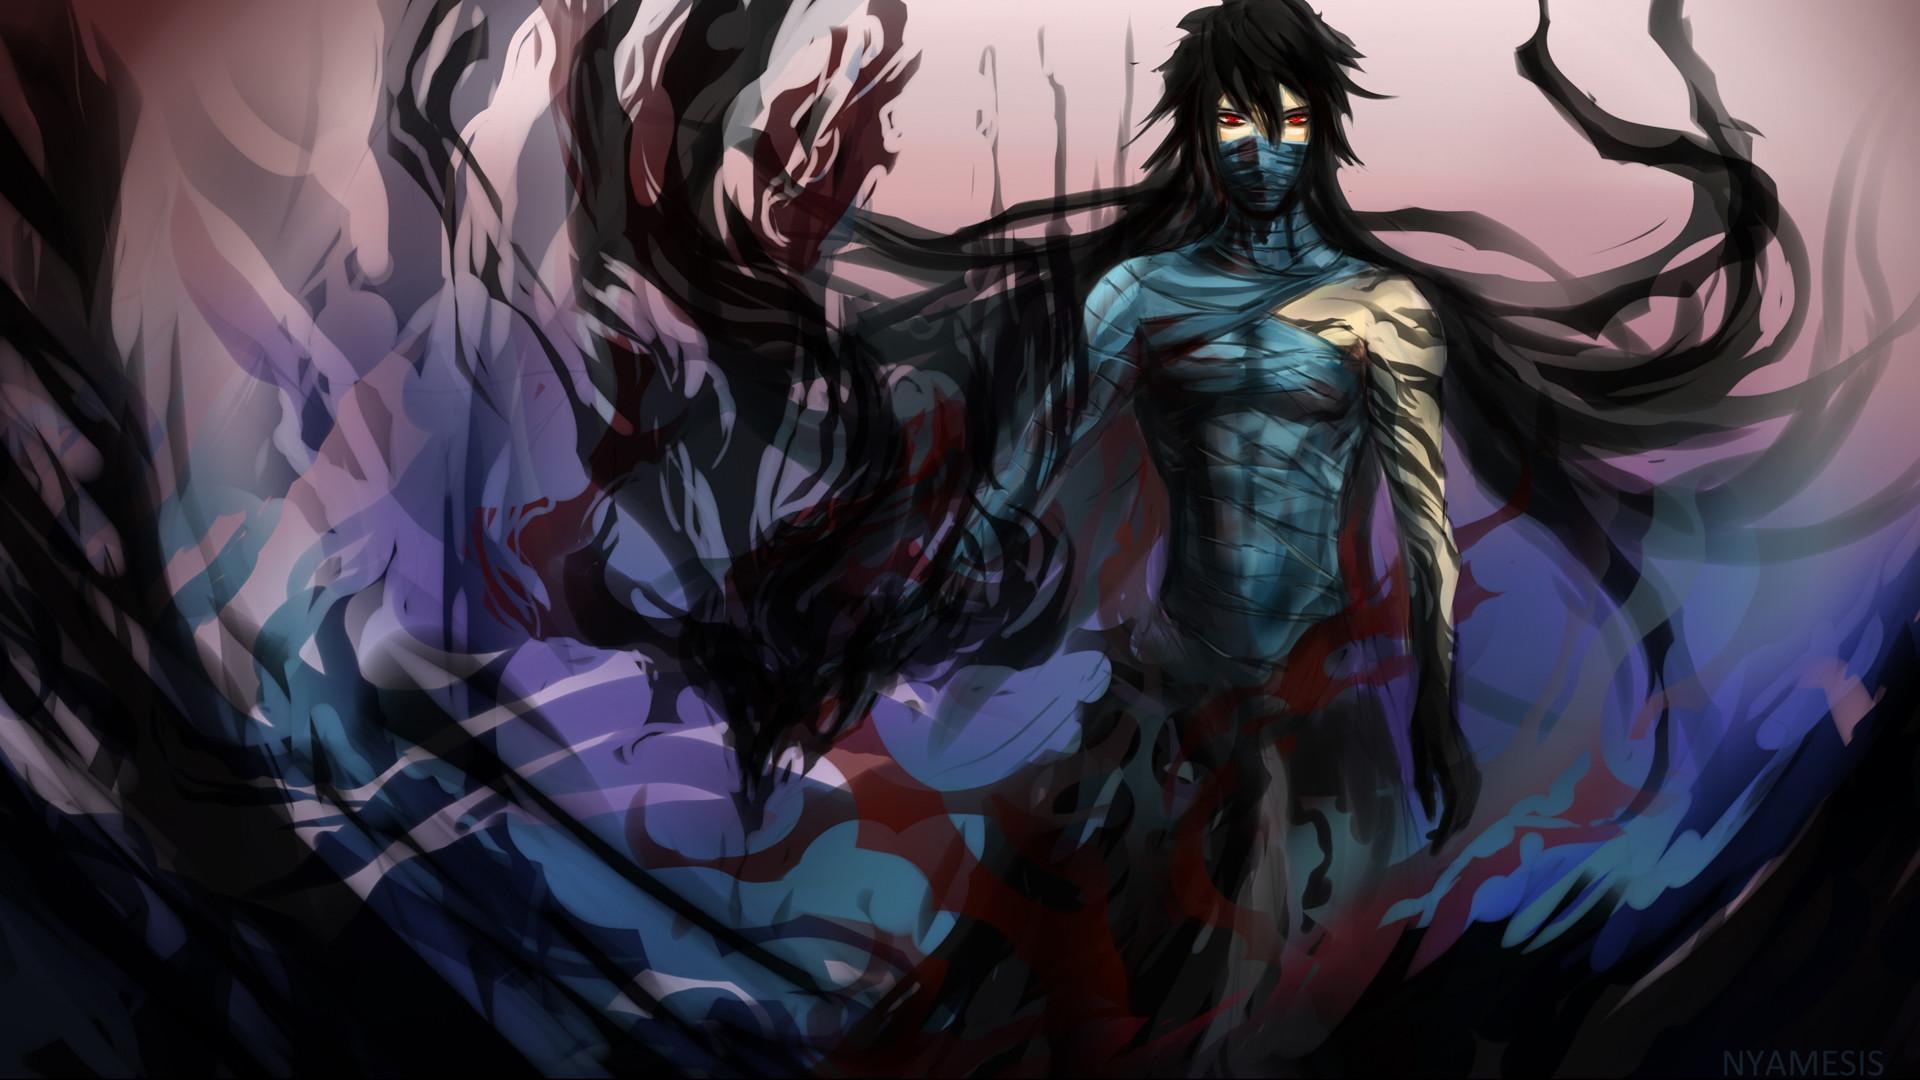 kurosaki ichigo final getsuga tenshou bleach anime hd wallpaper .